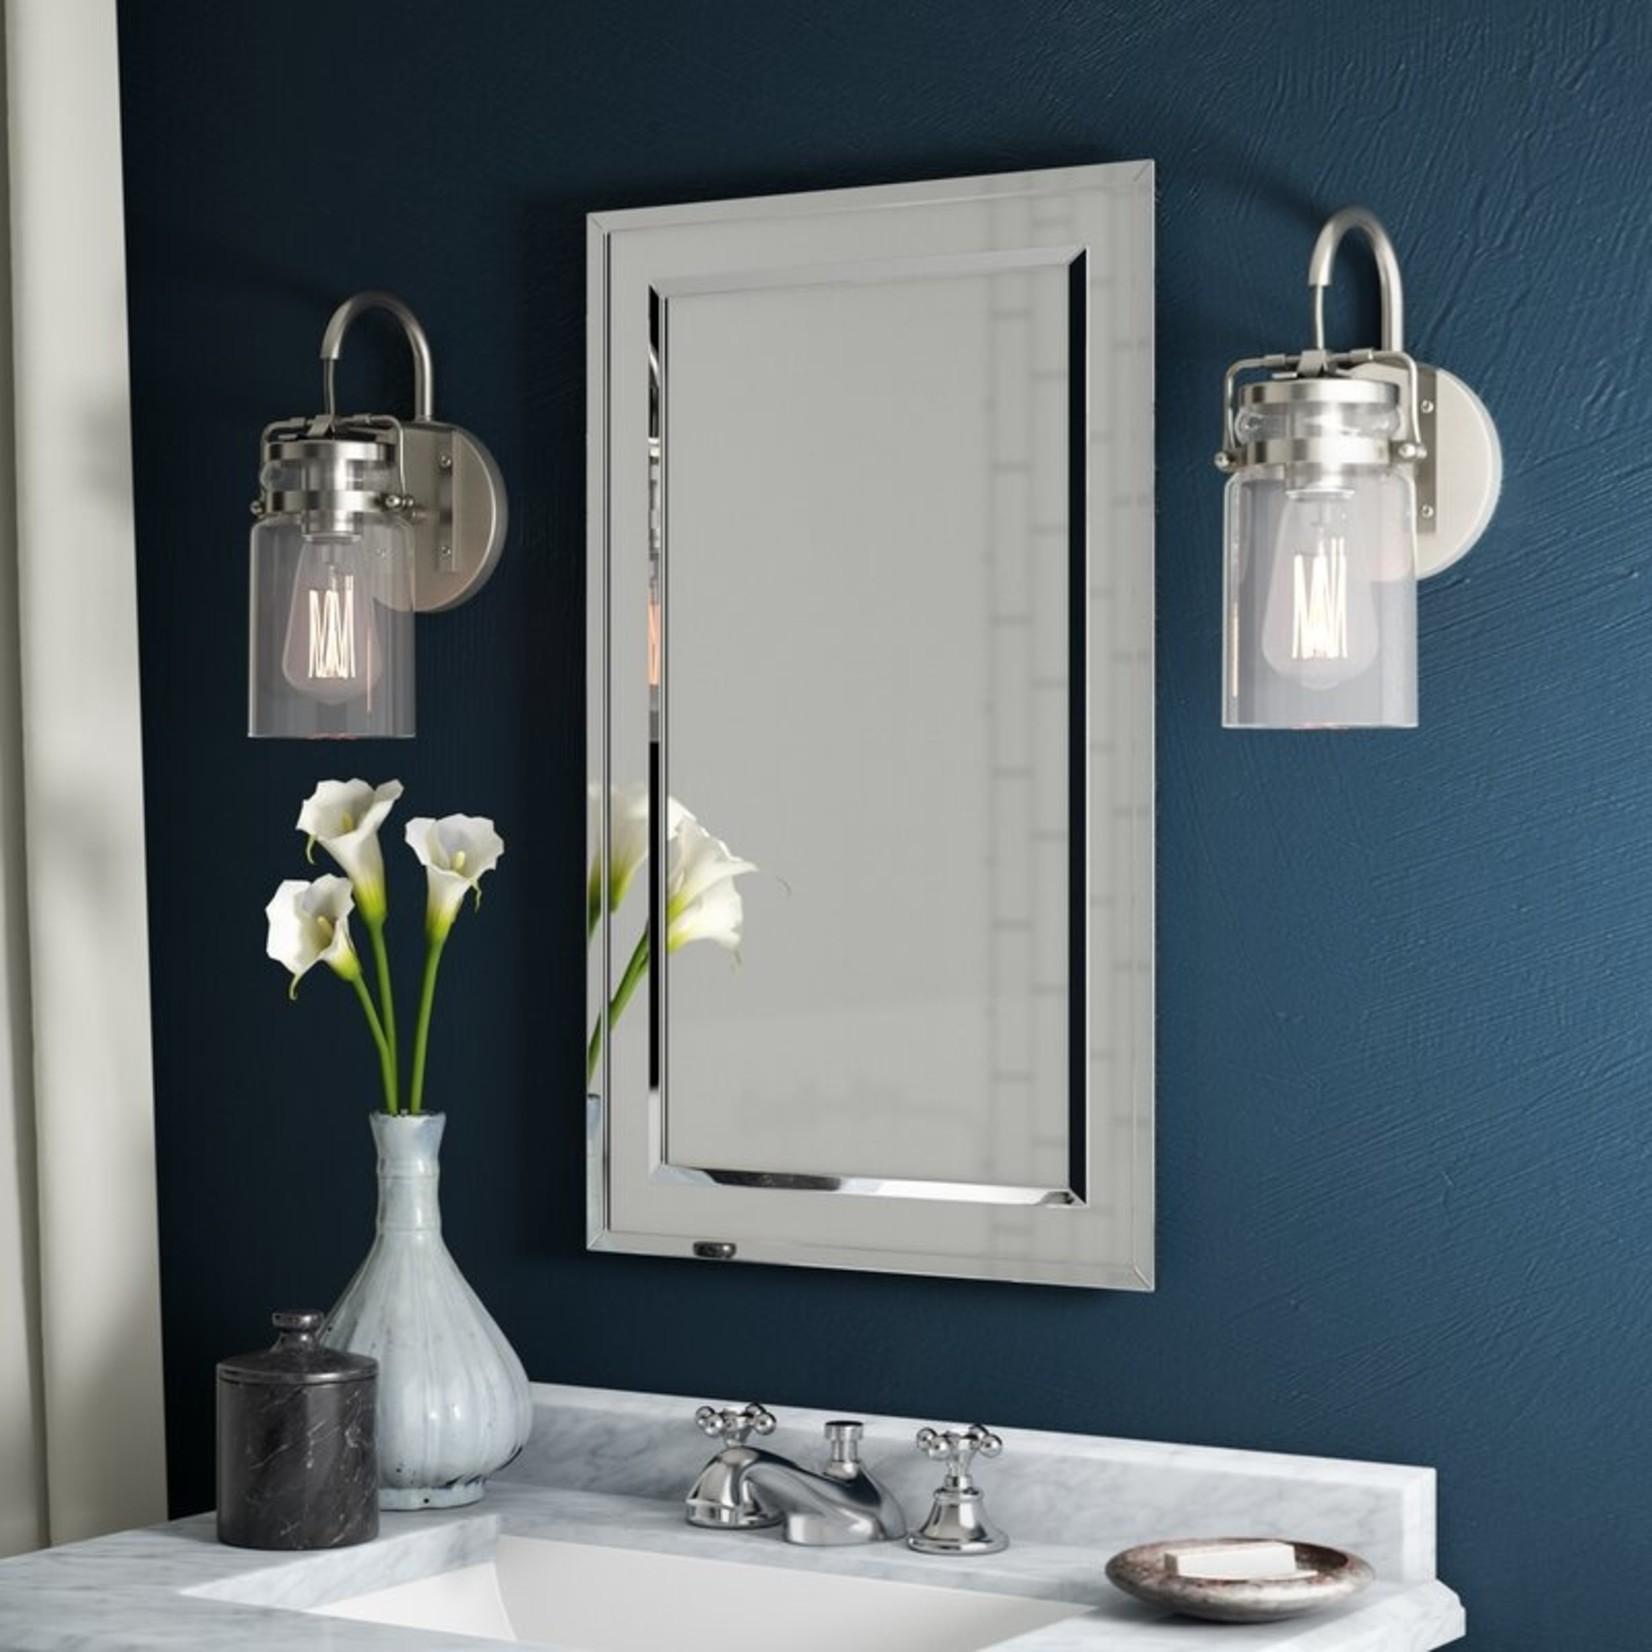 *Graford Recessed Frameless Medicine Cabinet with 2 Adjustable Shelves